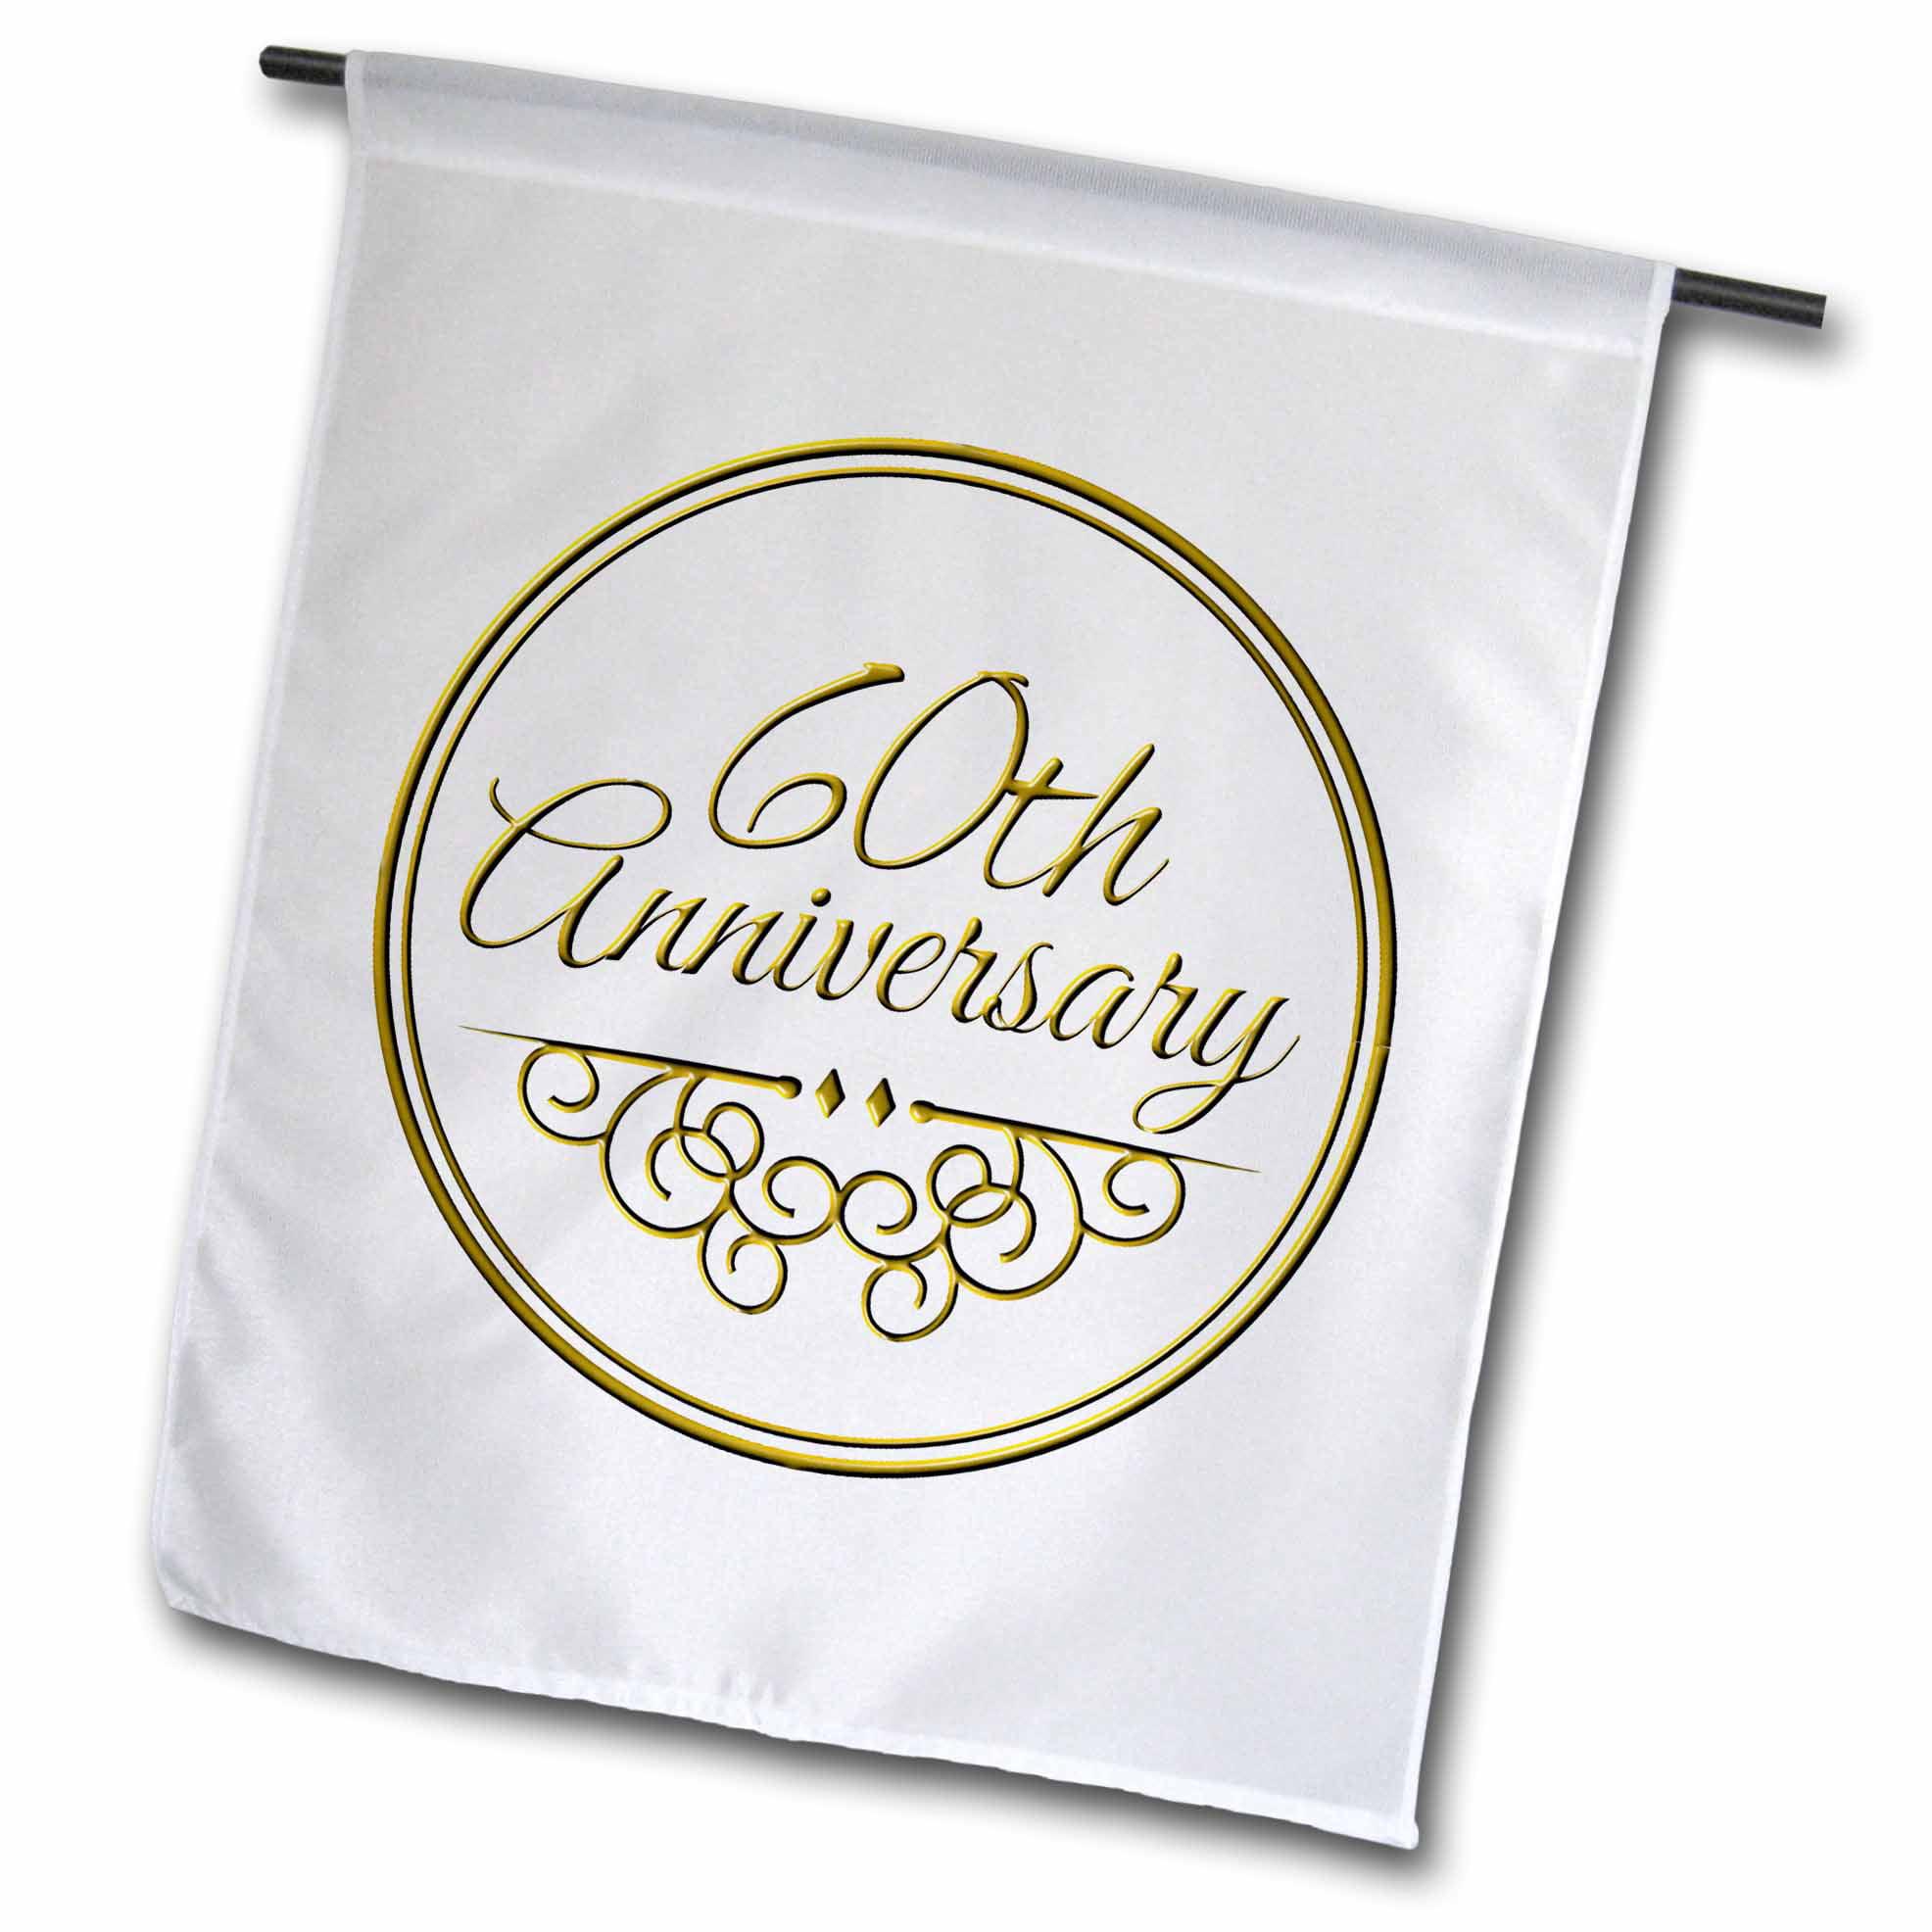 3 Wedding Anniversary Gift: 3dRose 60th Anniversary Gift